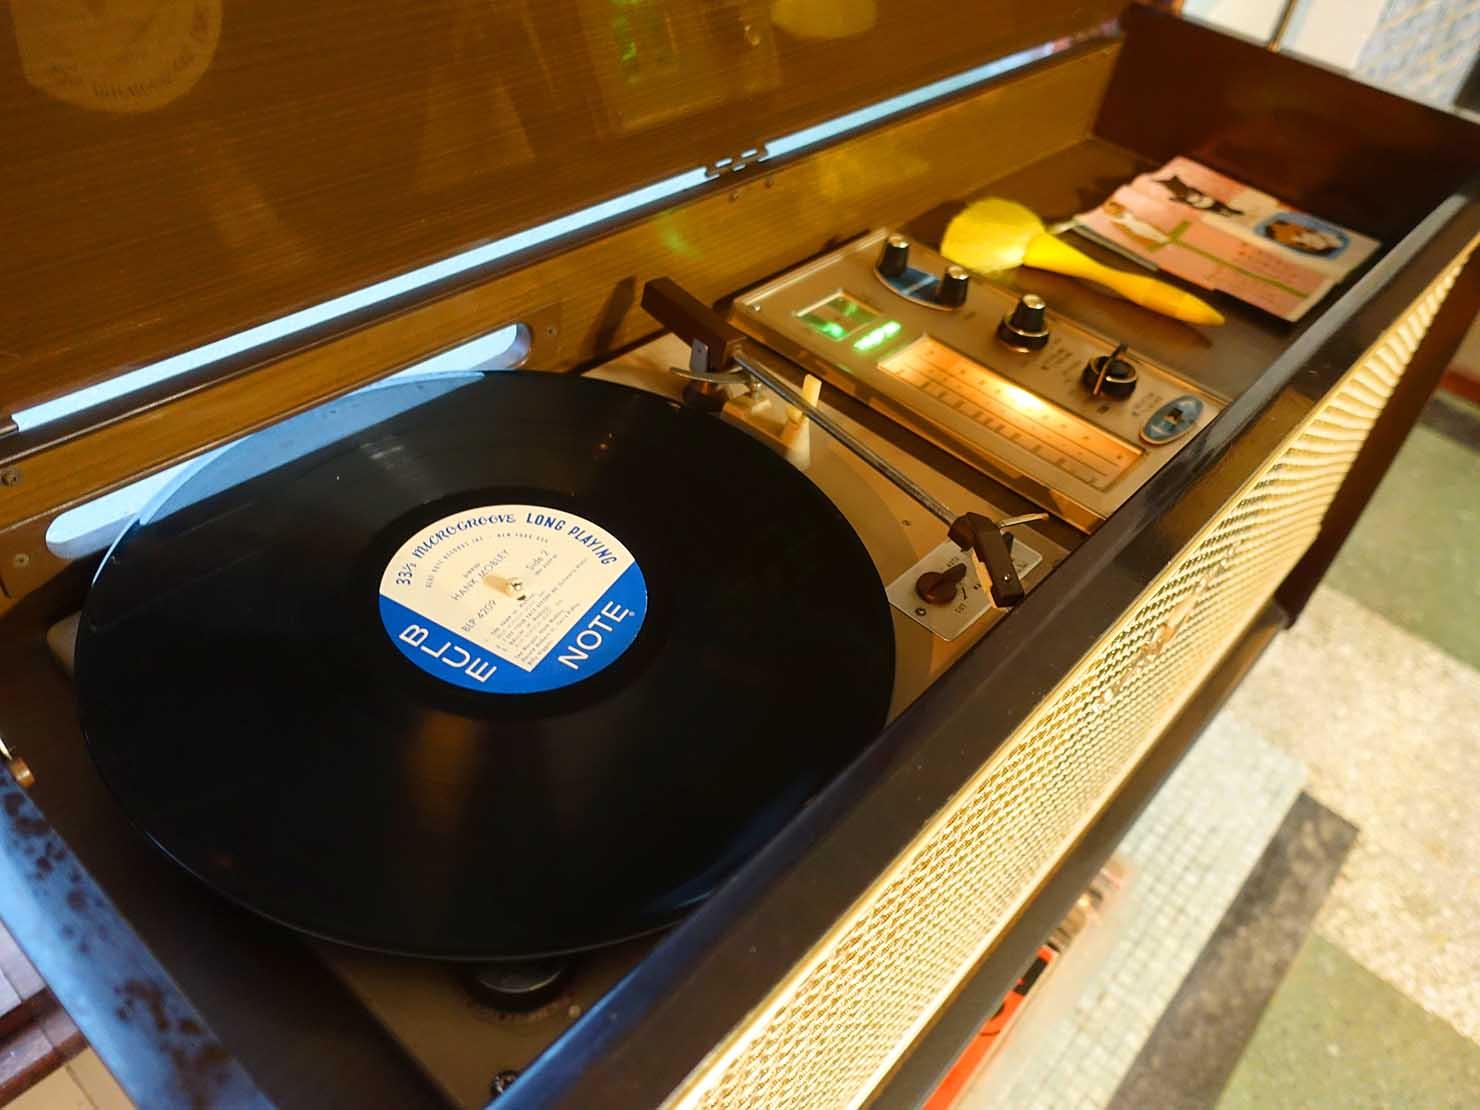 台南観光におすすめな古民家ゲストハウス「散步strolling」のリビングでレコードを楽しむ